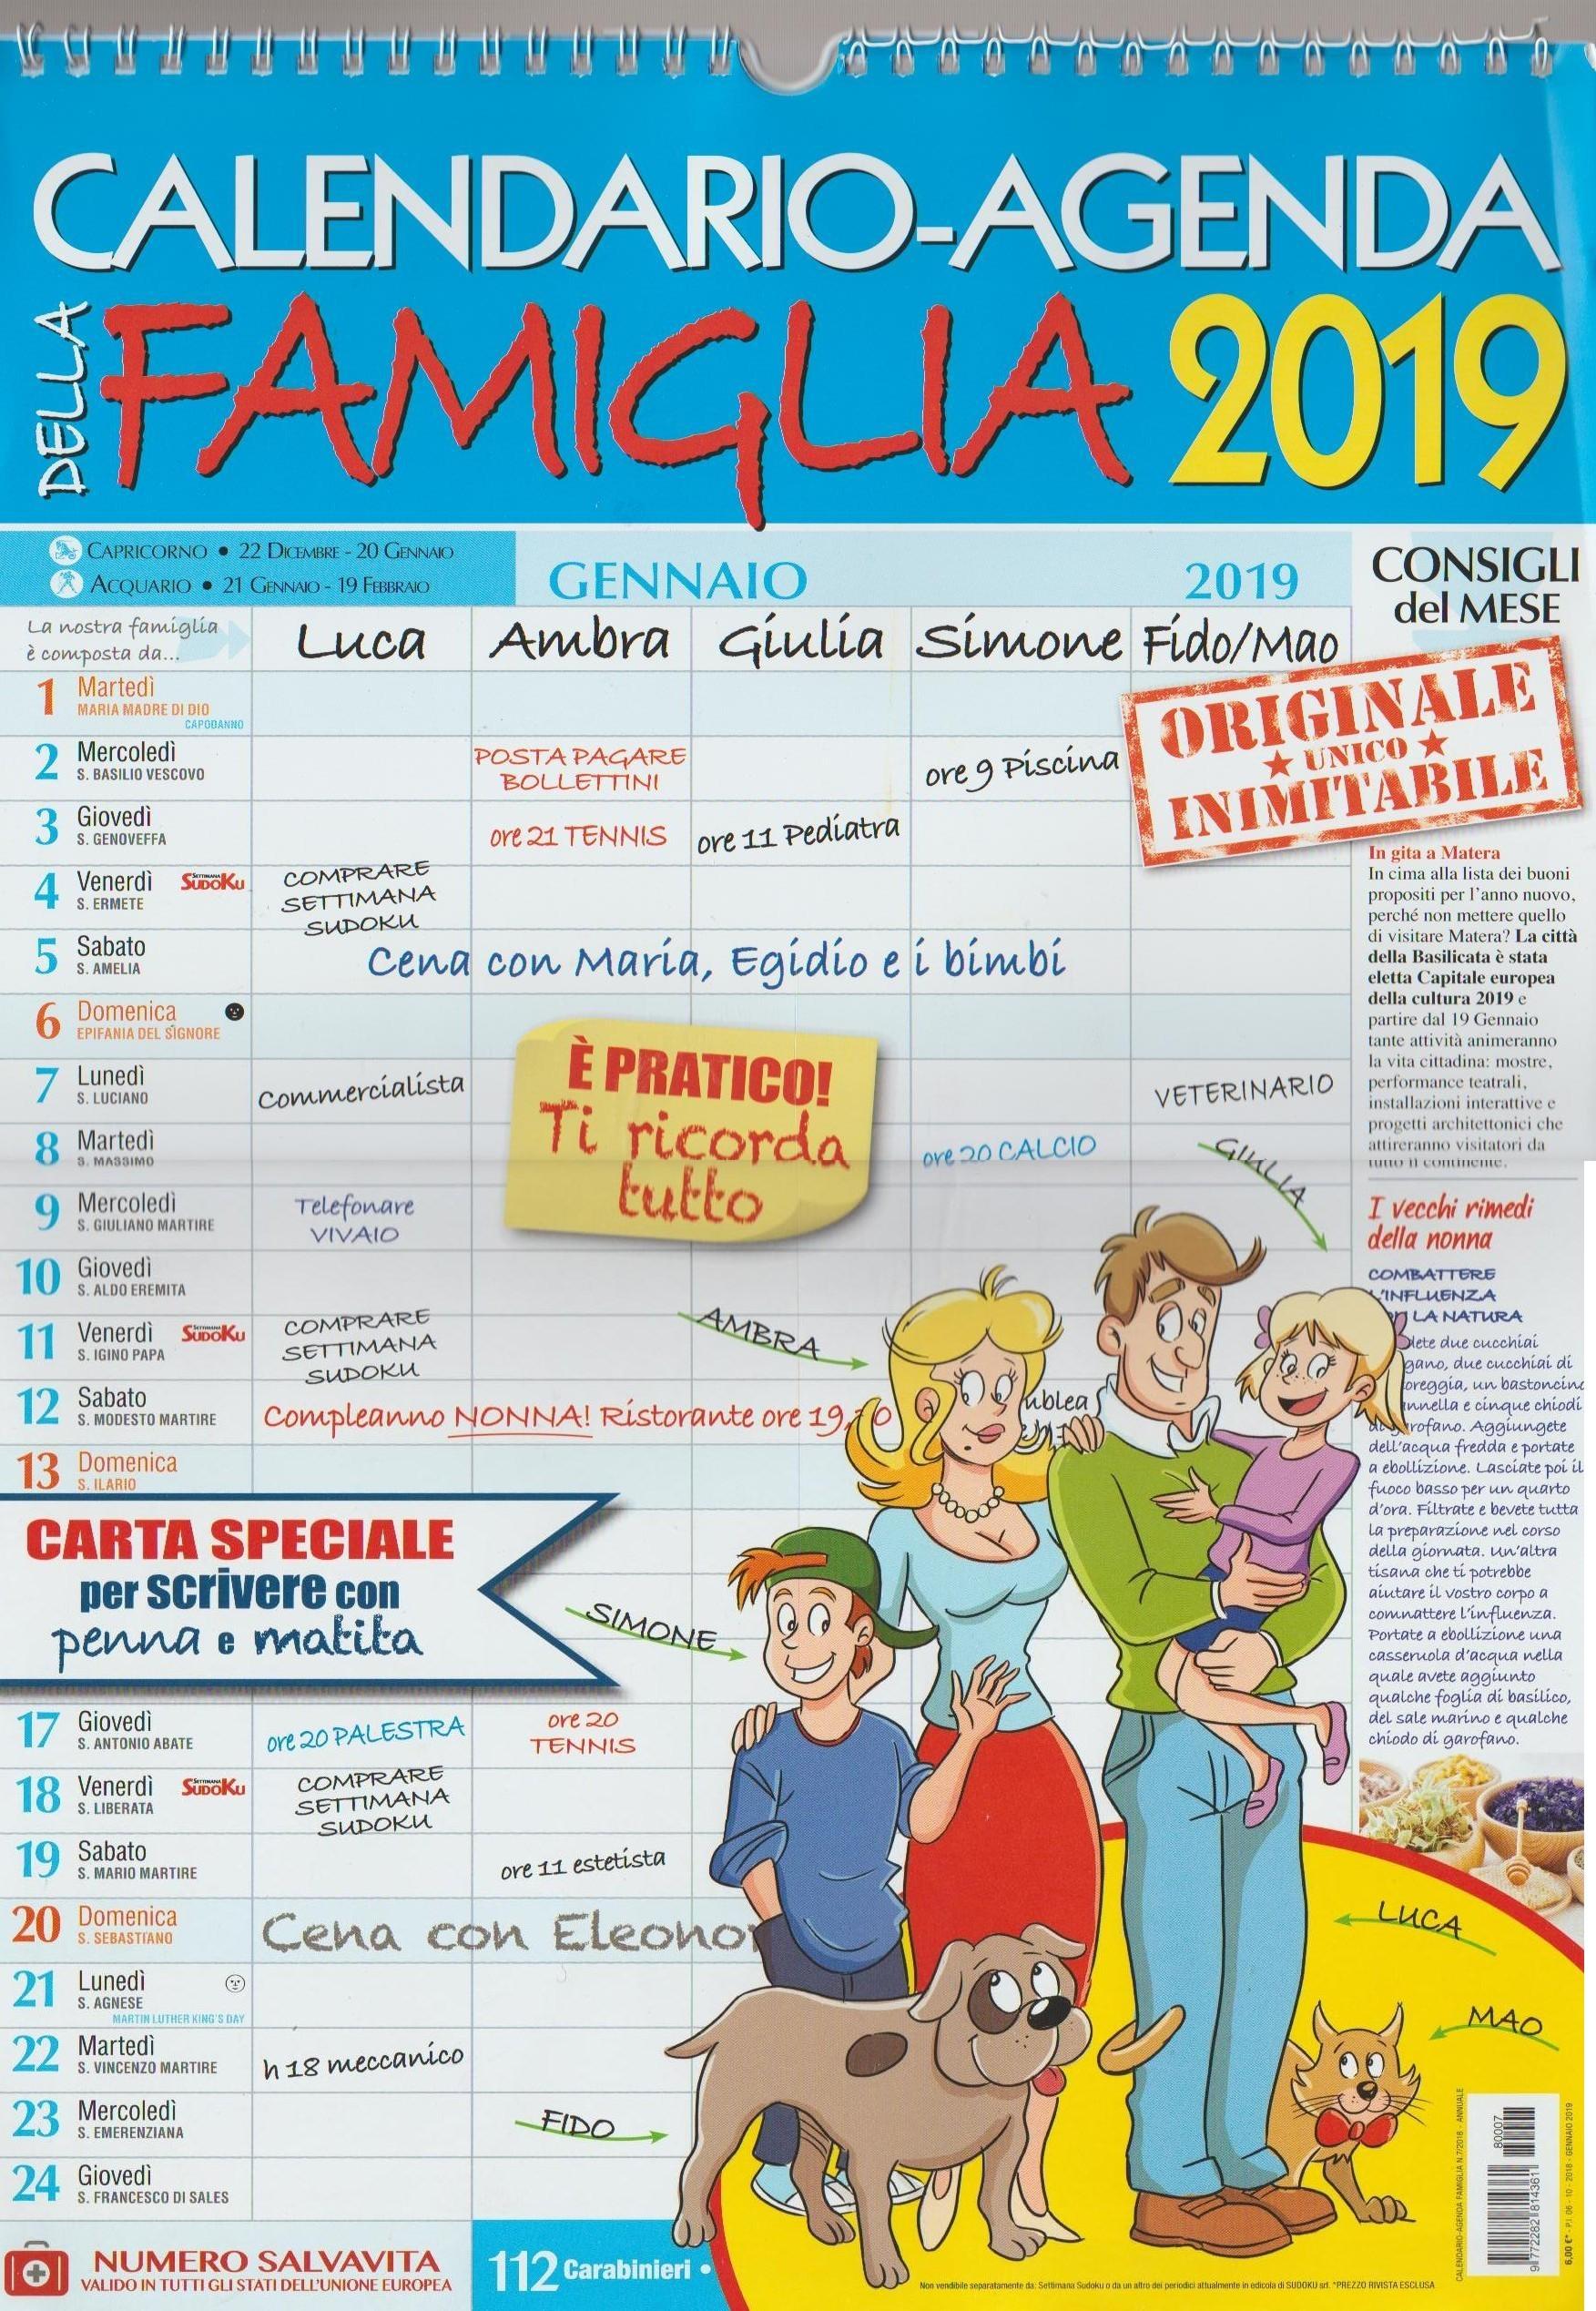 Calendario-Agenda della famiglia 2019 - cm30x43 spiralato